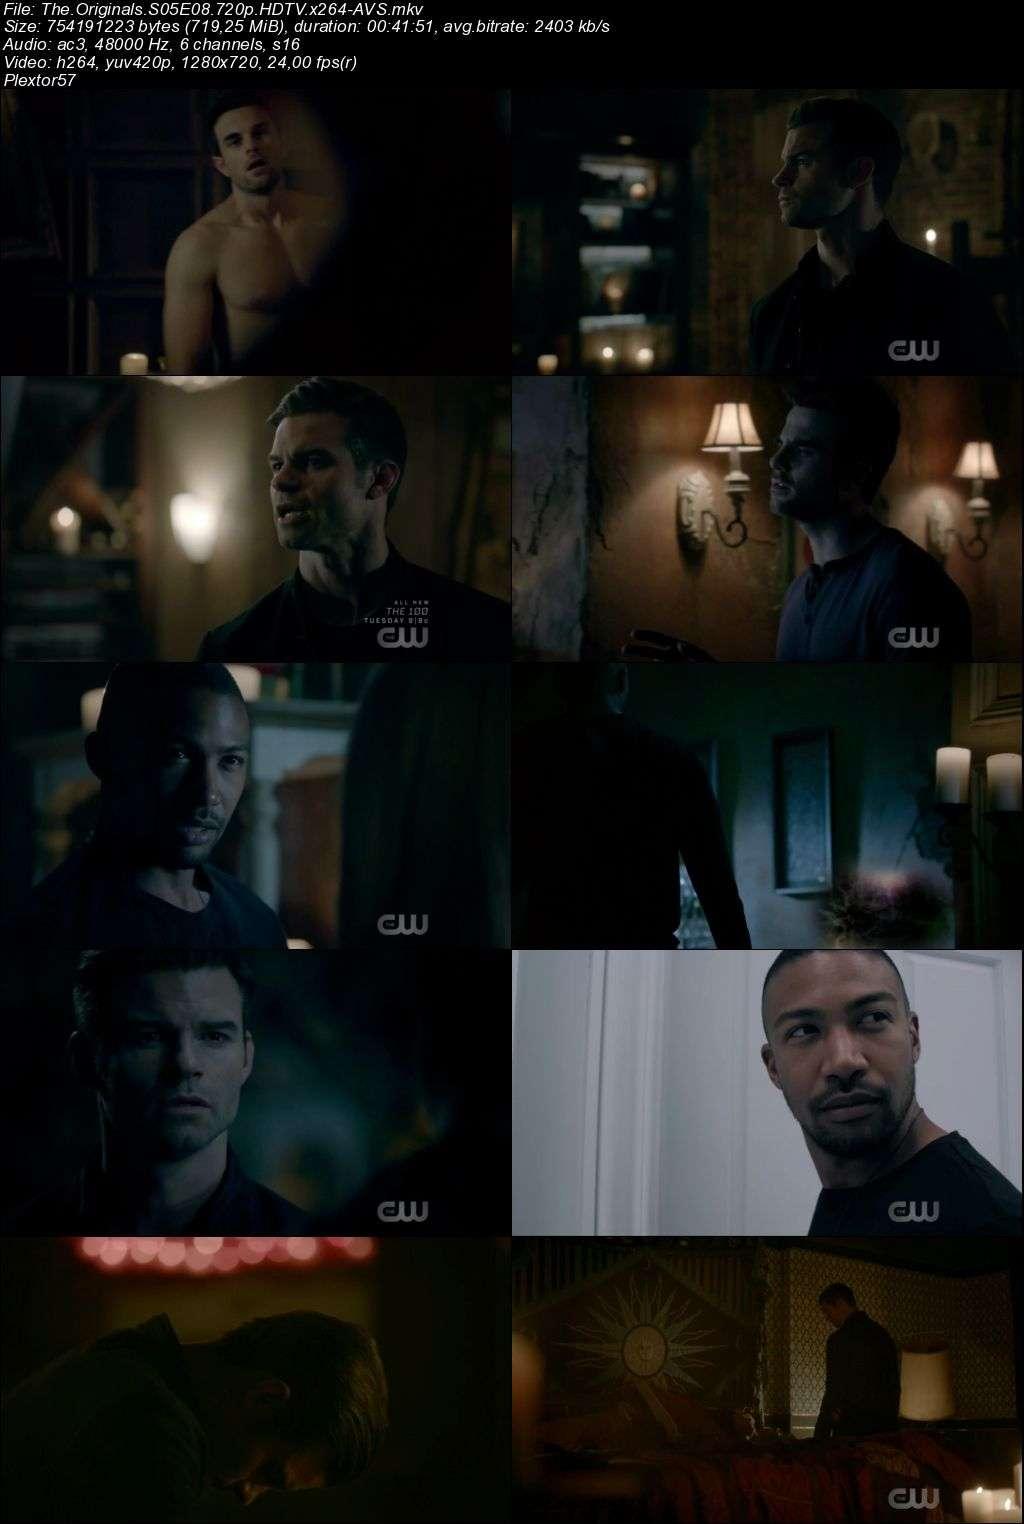 The Originals sezon 5 tum bolumler